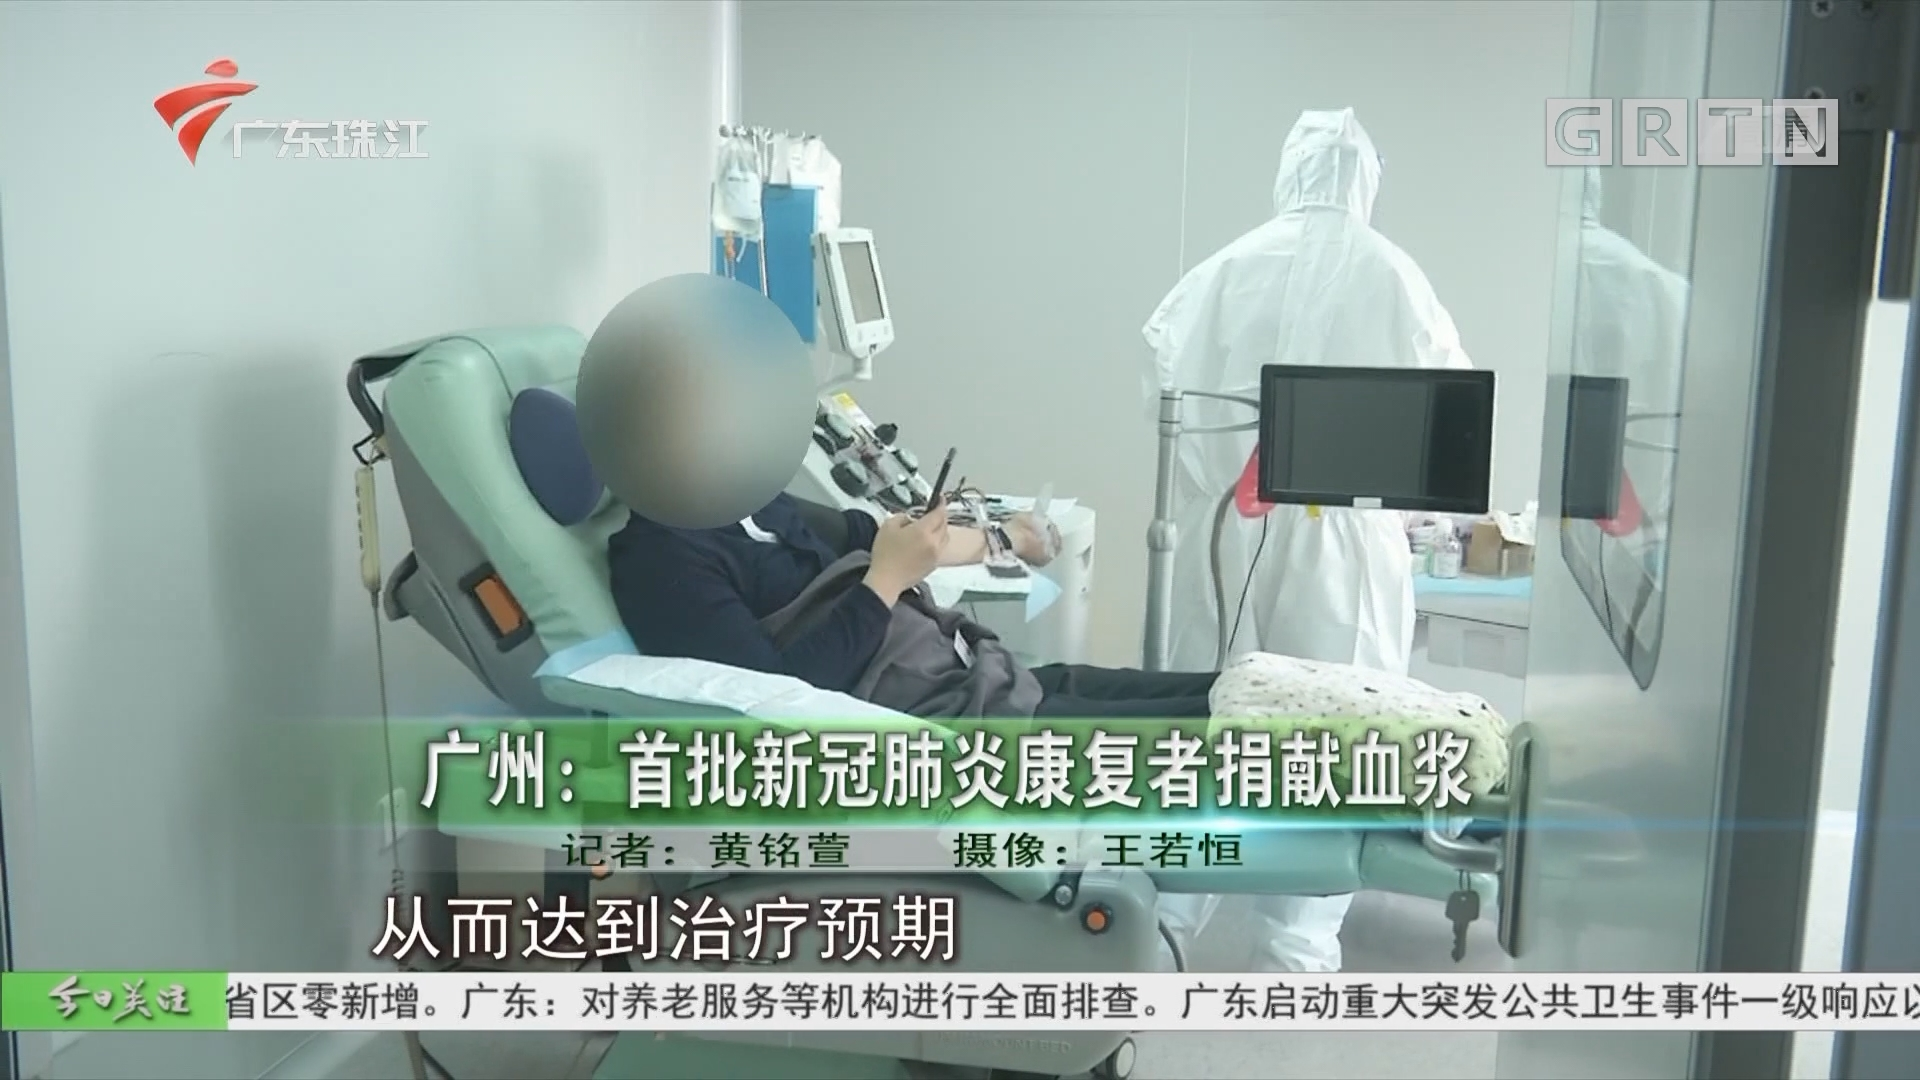 廣州:首批新冠肺炎康復者捐獻血漿